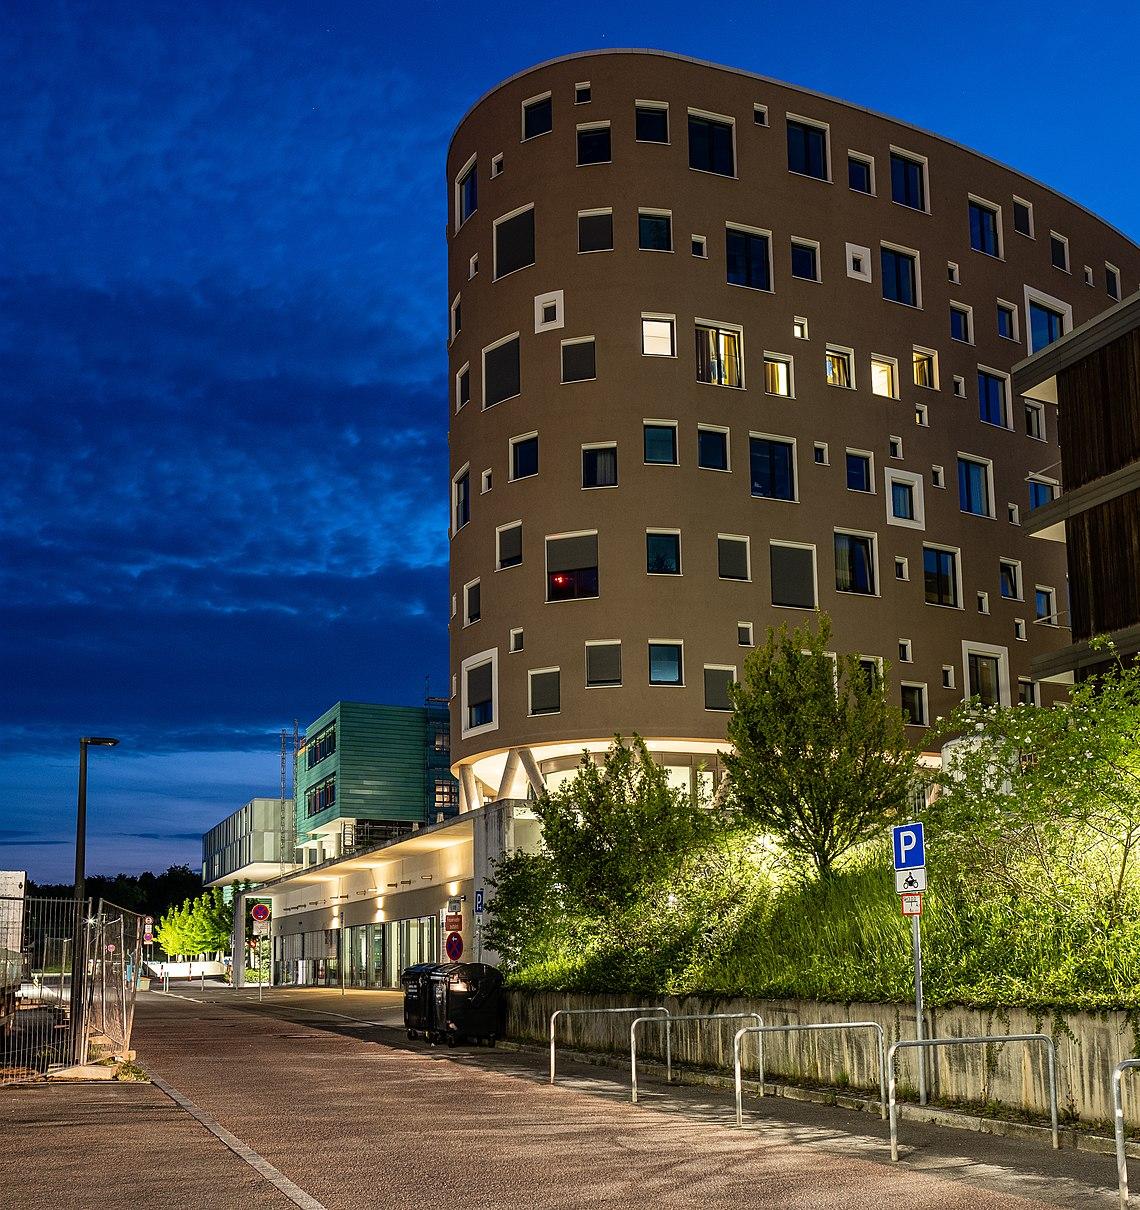 Das Gästehaus des Universitätsklinikums Tübingen zur blauen Stunde.jpg